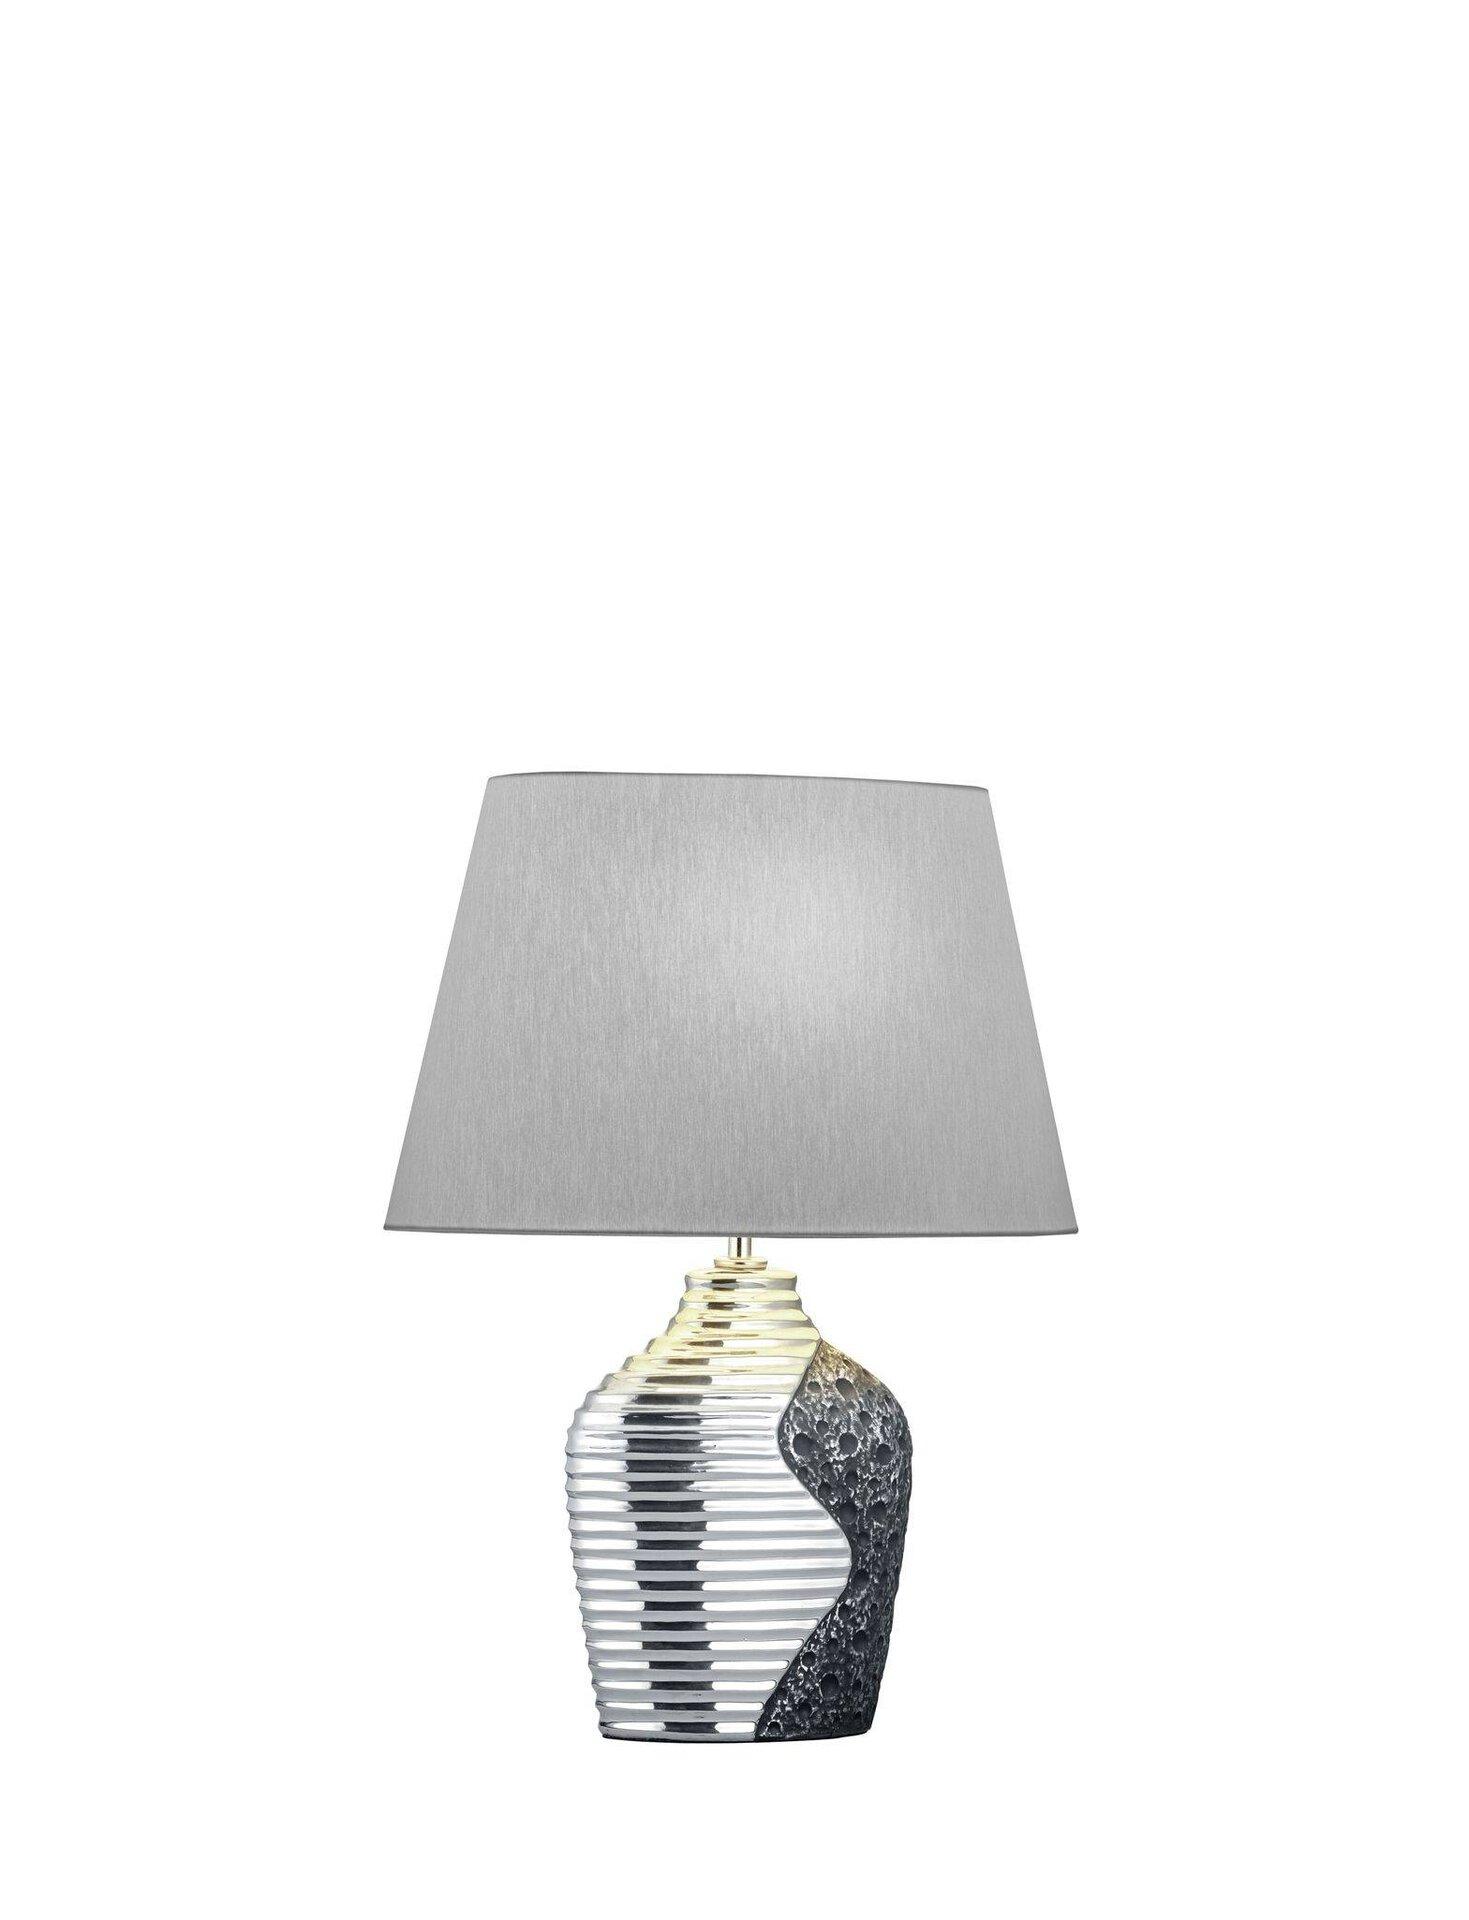 Tischleuchte MIA B-Leuchten Metall 38 x 49 x 16 cm